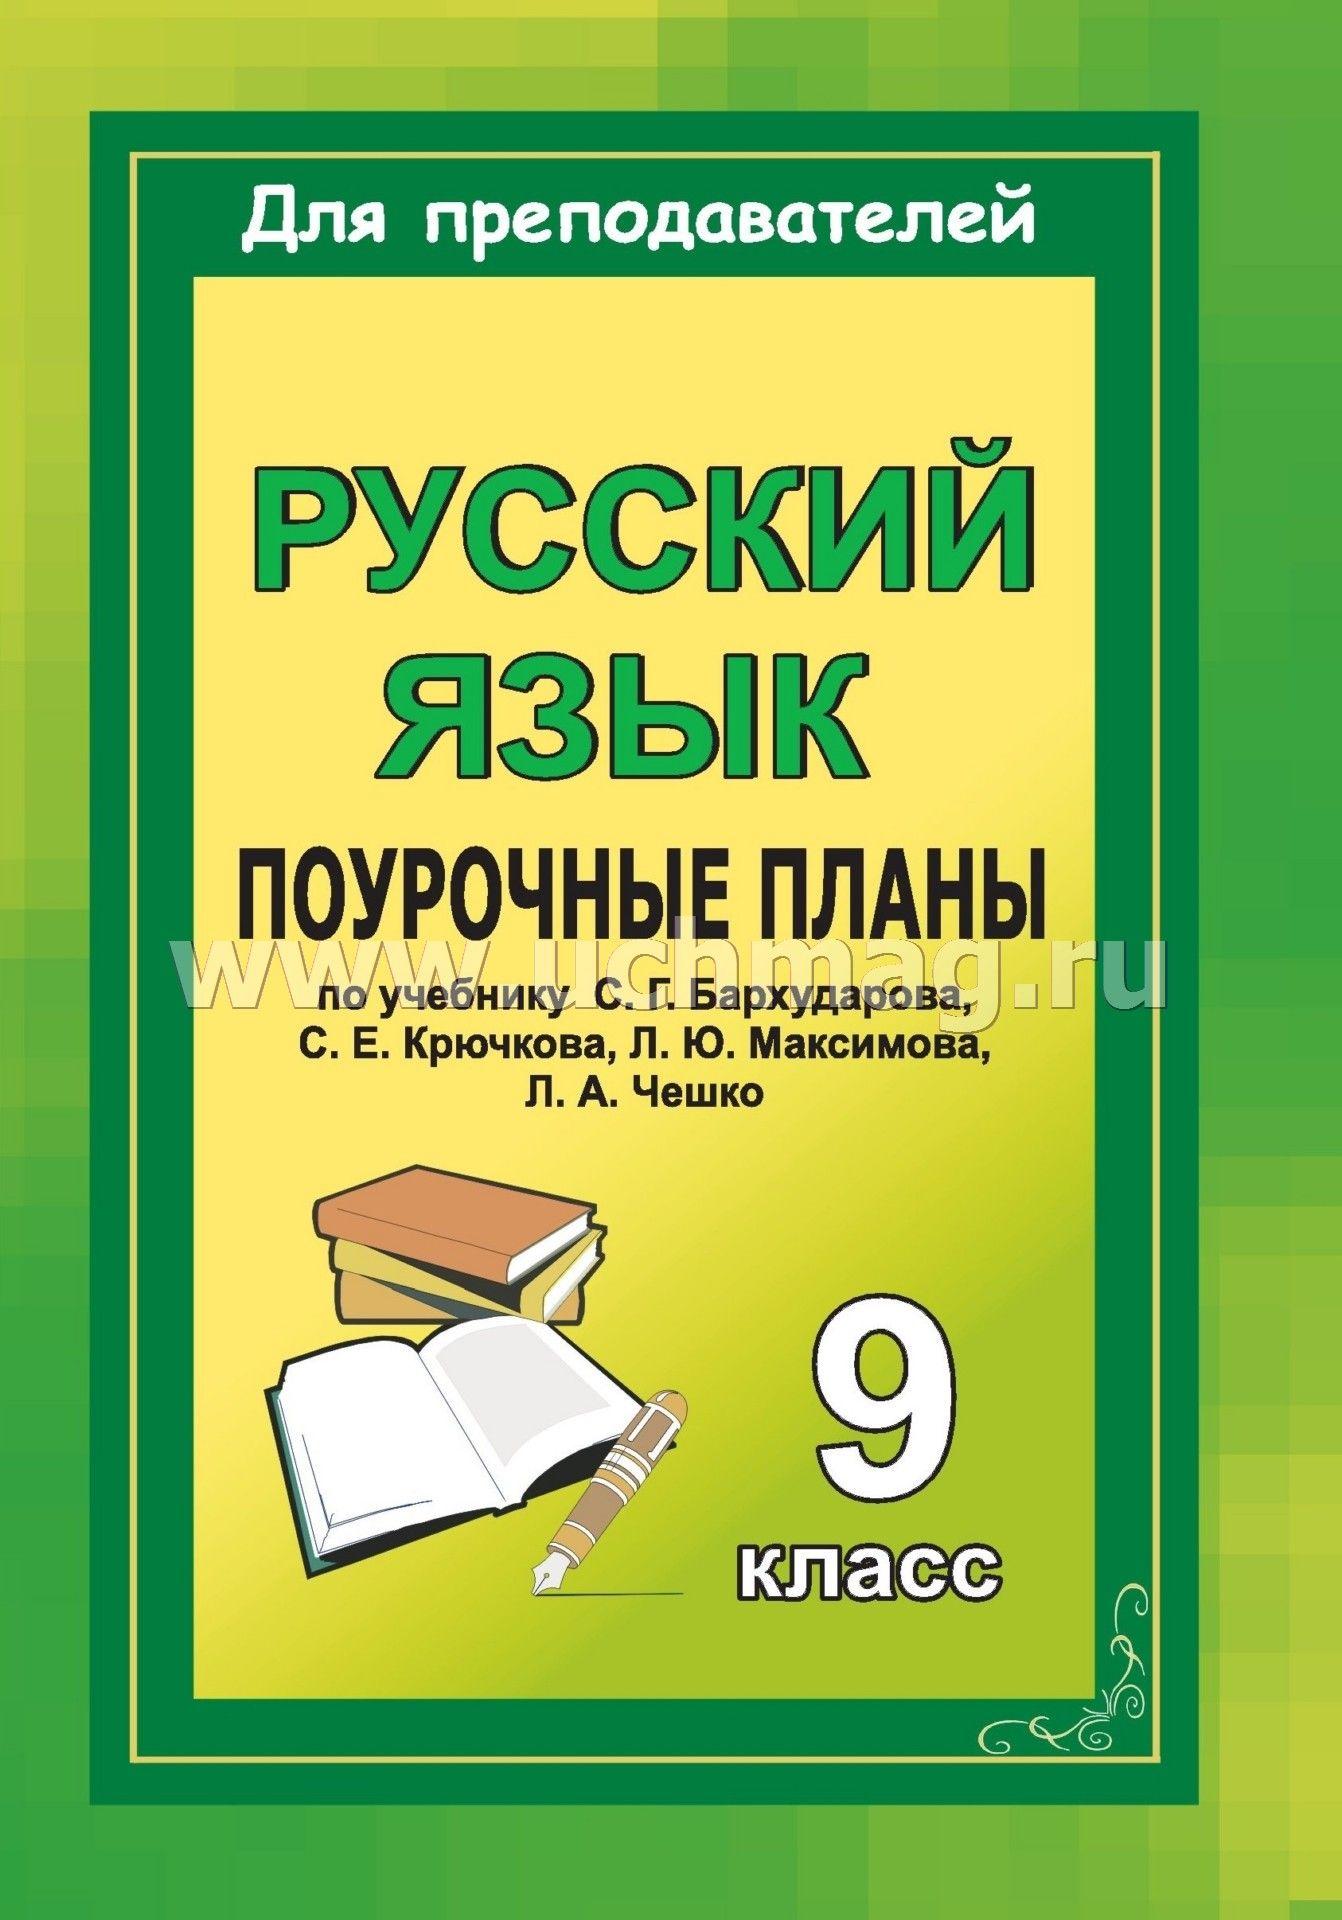 Поурочные планы по русскому языку 5 класс лексика